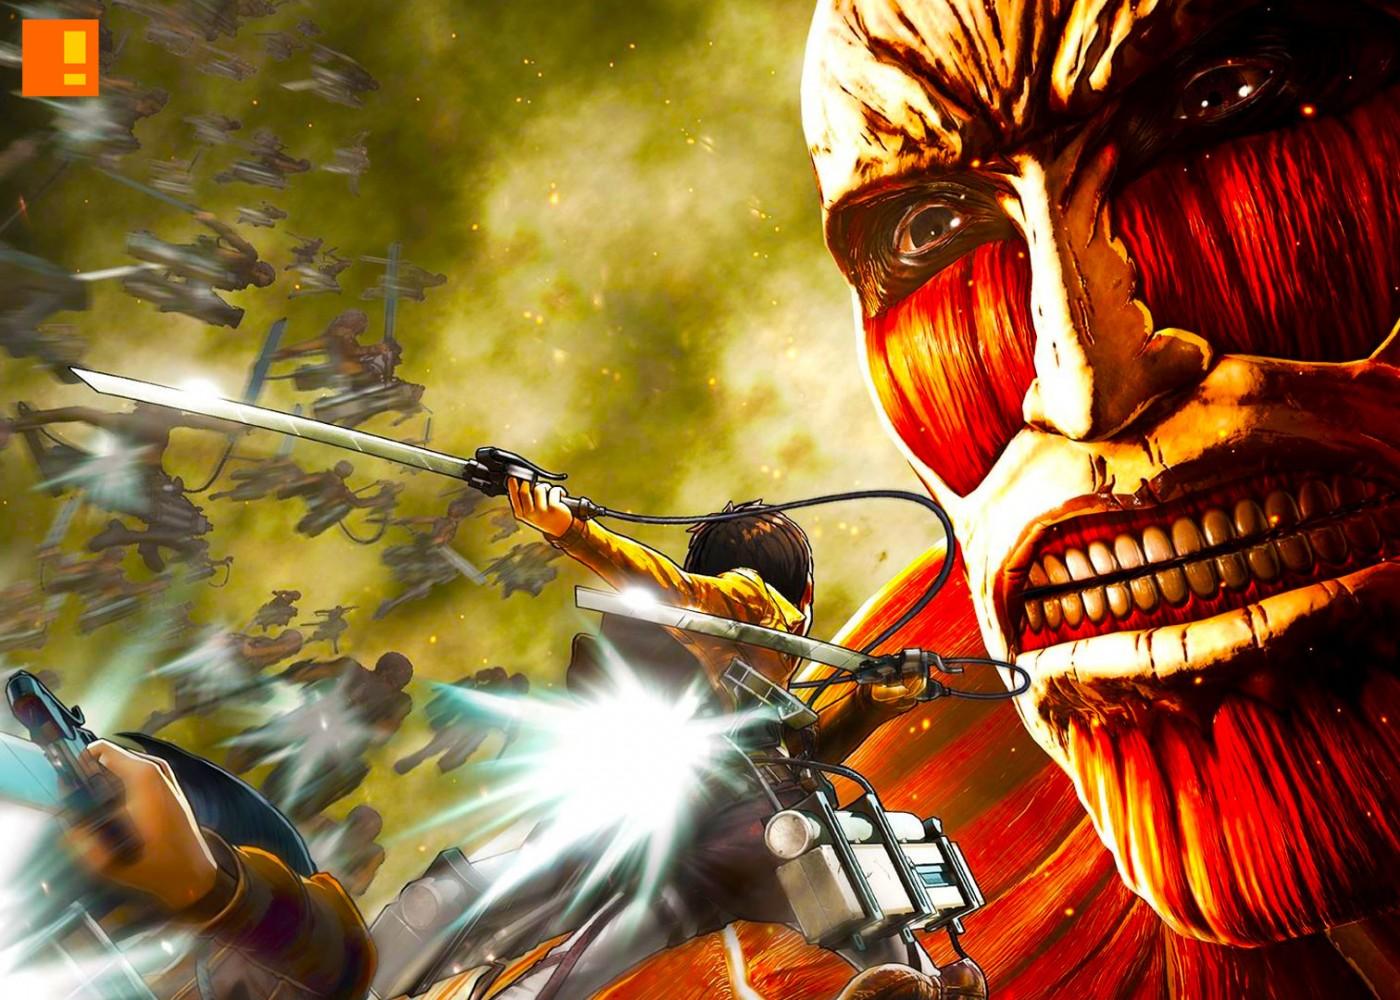 koei tecmo, attack on titan, the action pixel, @theactionpixel